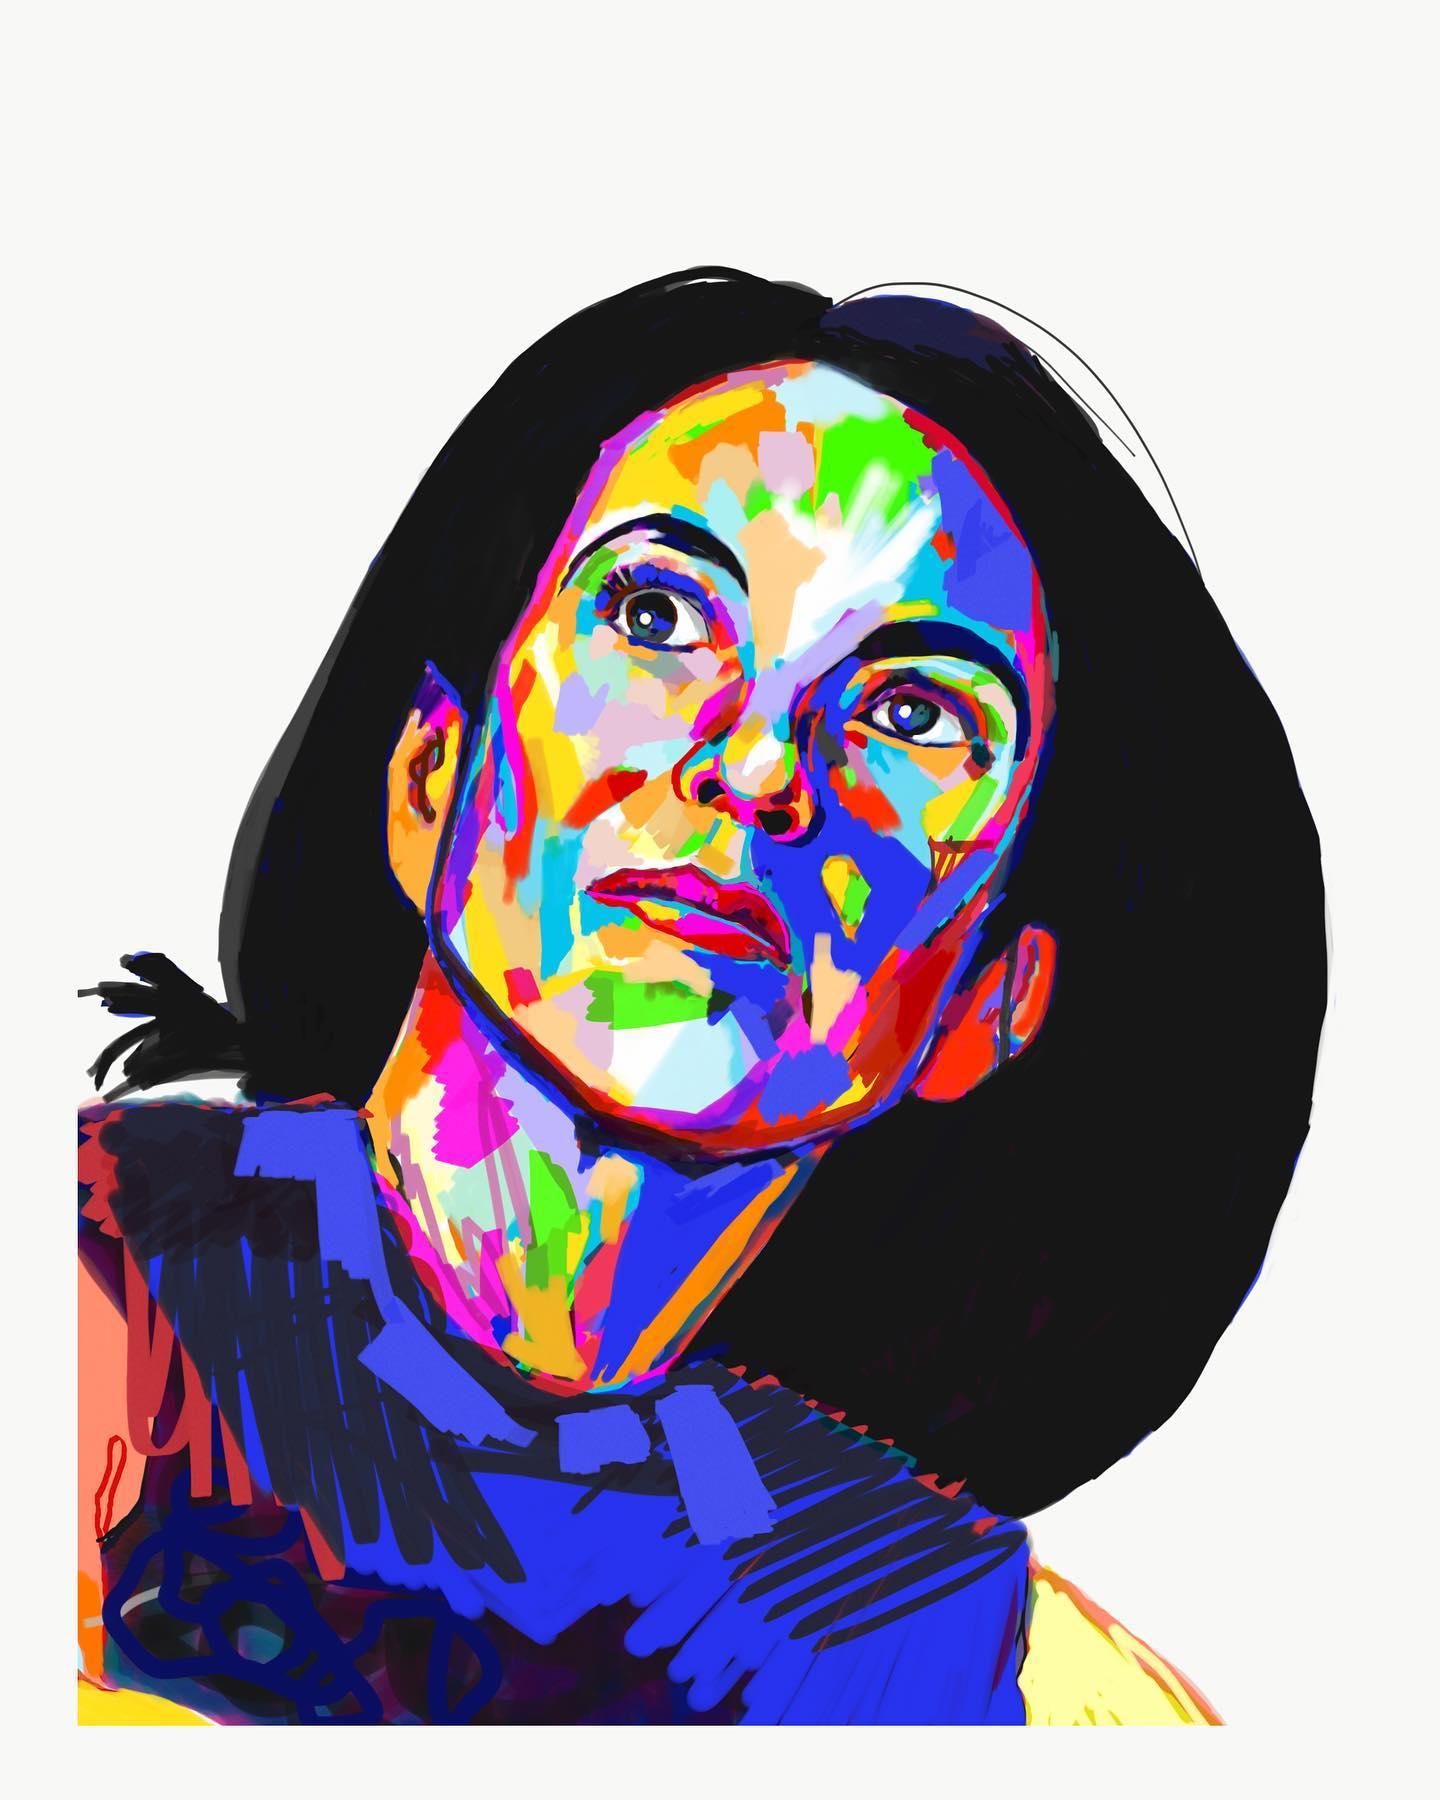 Rosario Lanciego